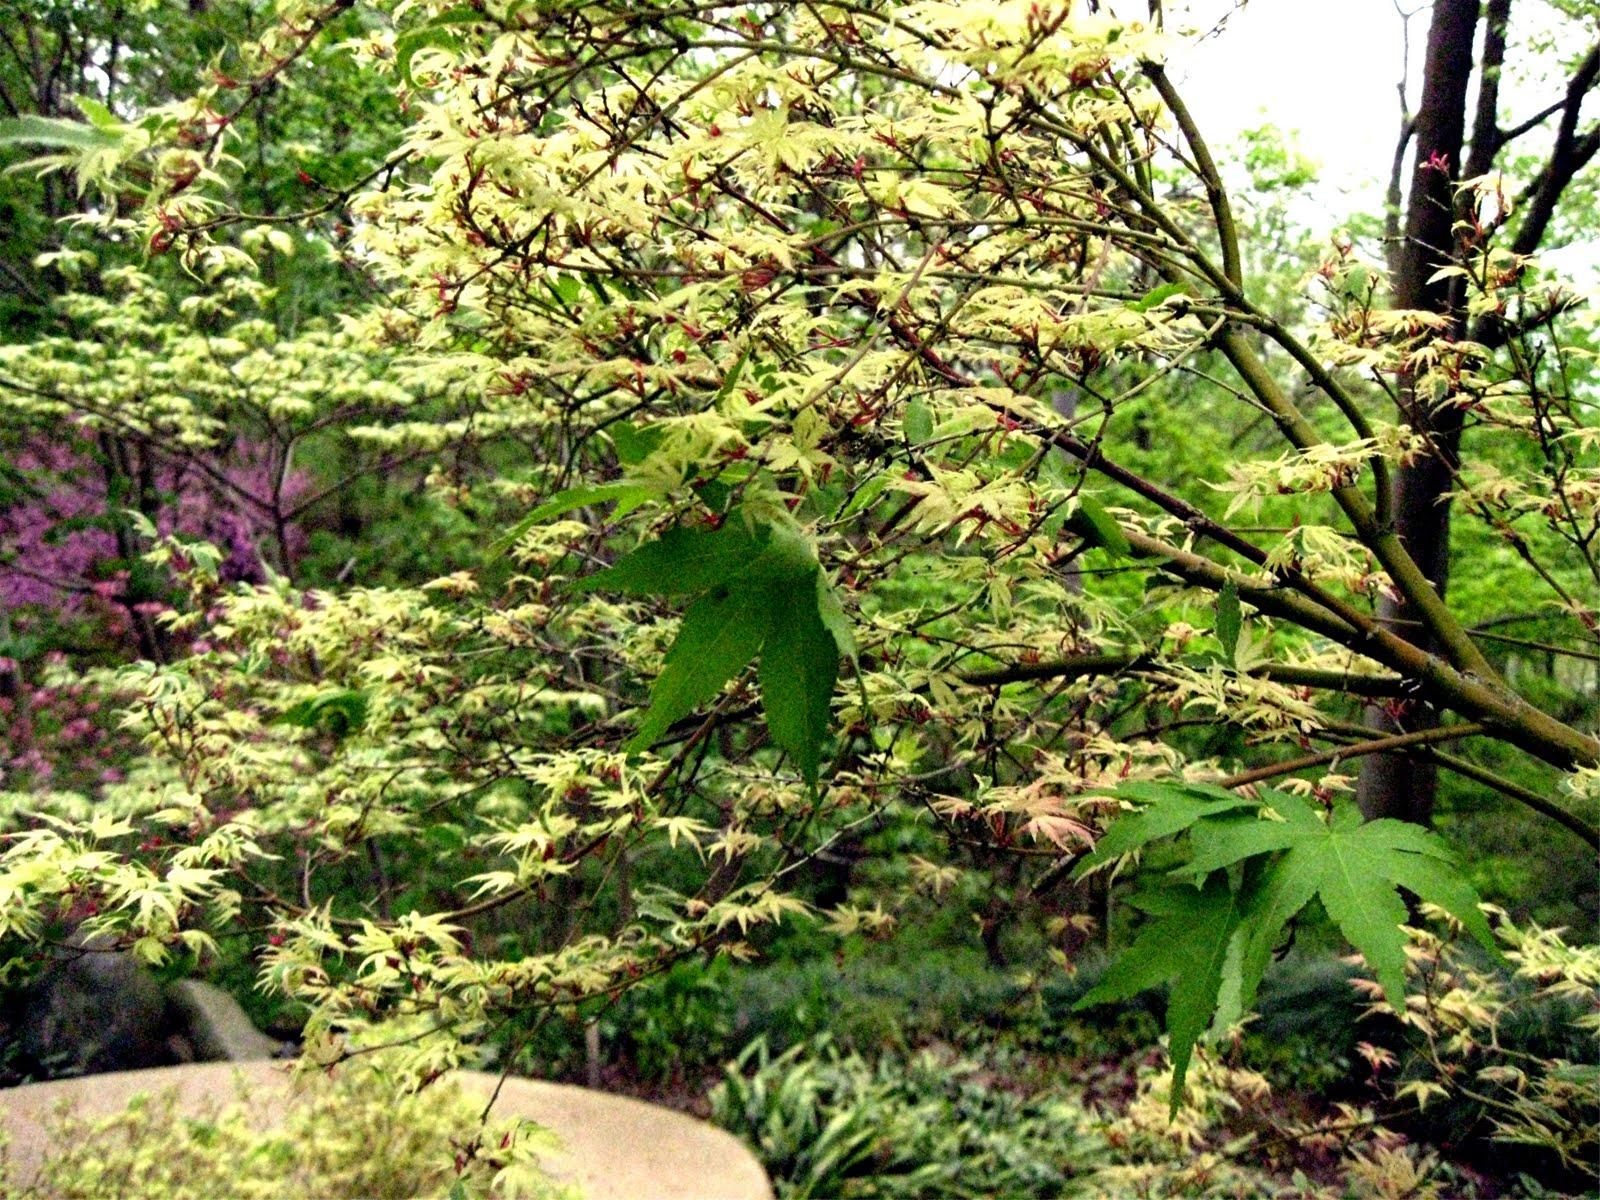 acer palmatum  has